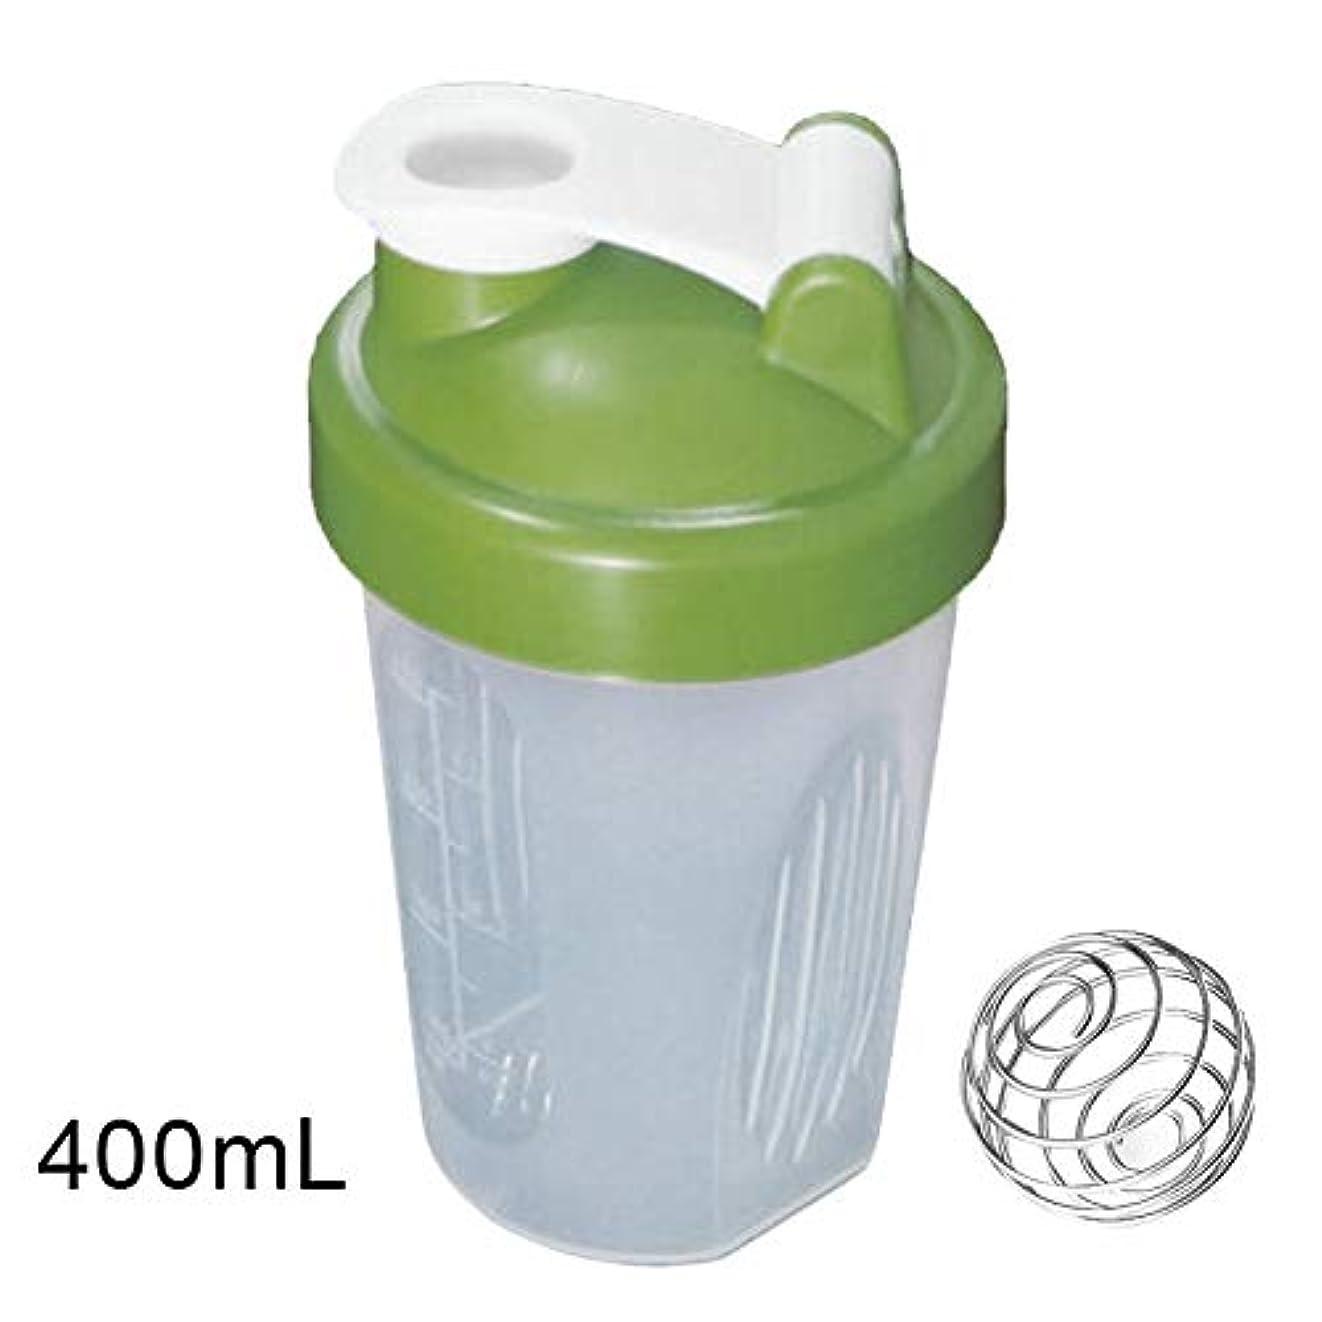 貢献海軍キャベツSweetiChic シェイクザカップ 400/600ミリリットル プロテインパウダーミキシングカップ 封印 漏れ防止 シェイクボトル攪拌ボール プロテインパウダーミキシング 飲料水ジュース用